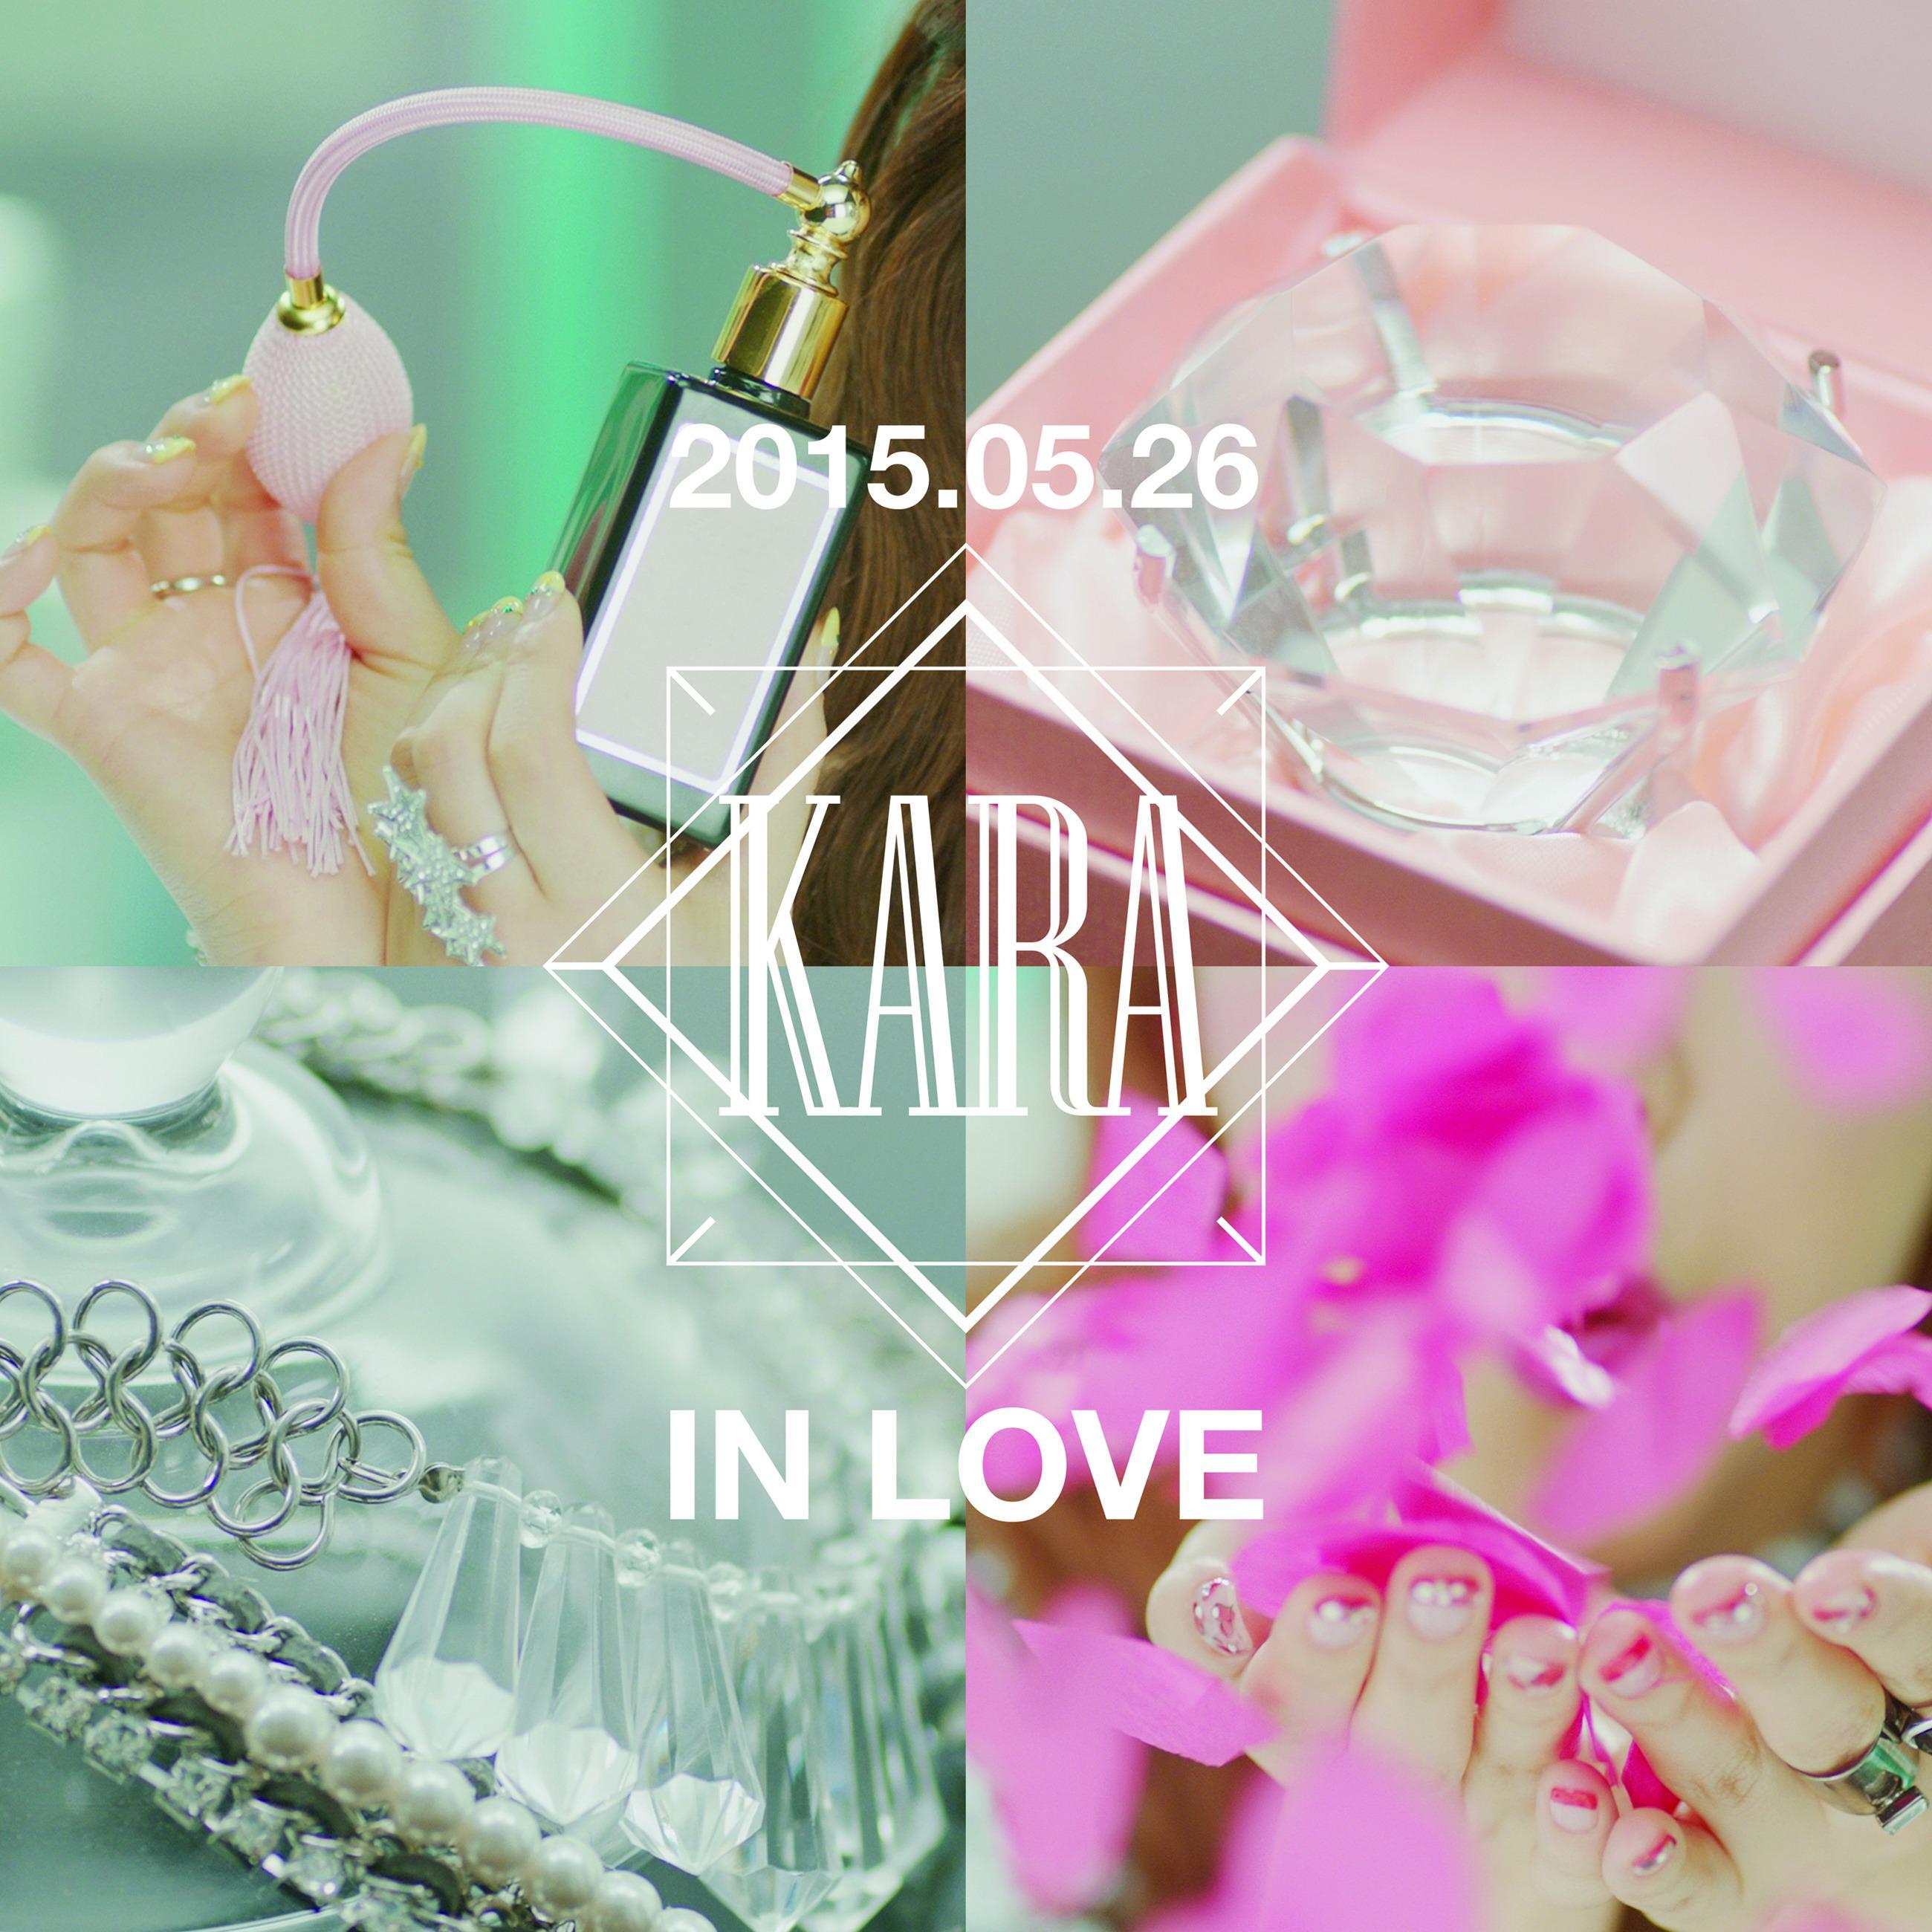 kara in love